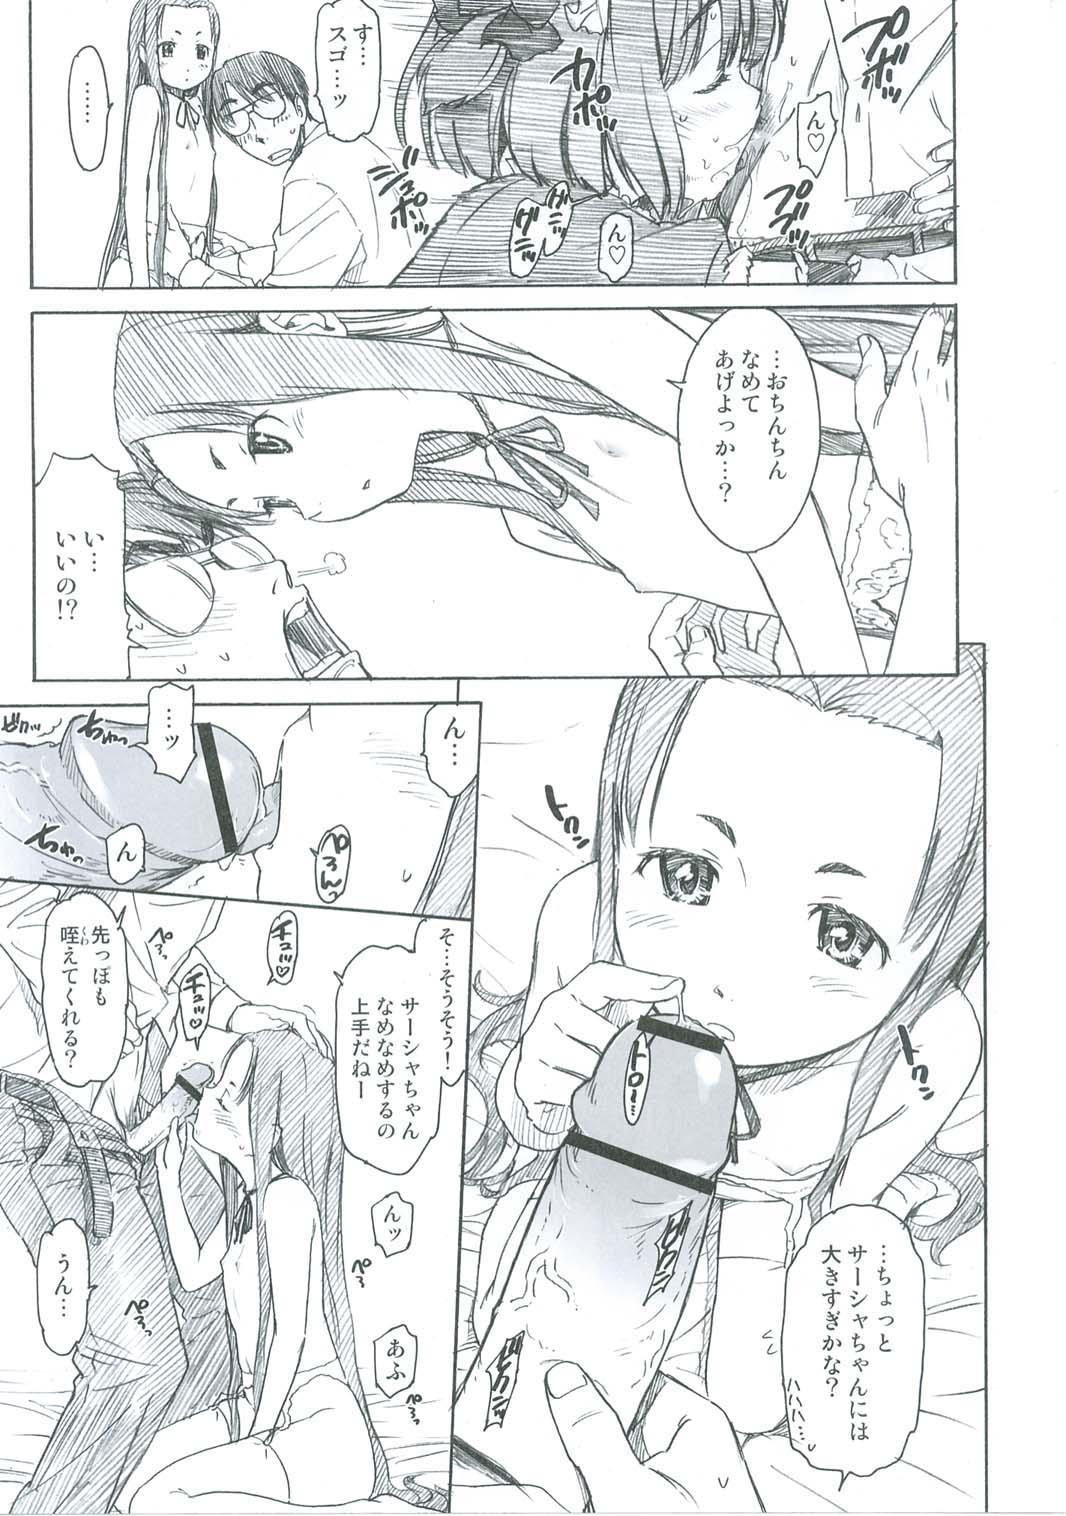 Shoujo Material Fukusei Genga Kounyuusha Gentei Tokuten Girl Scouts 12